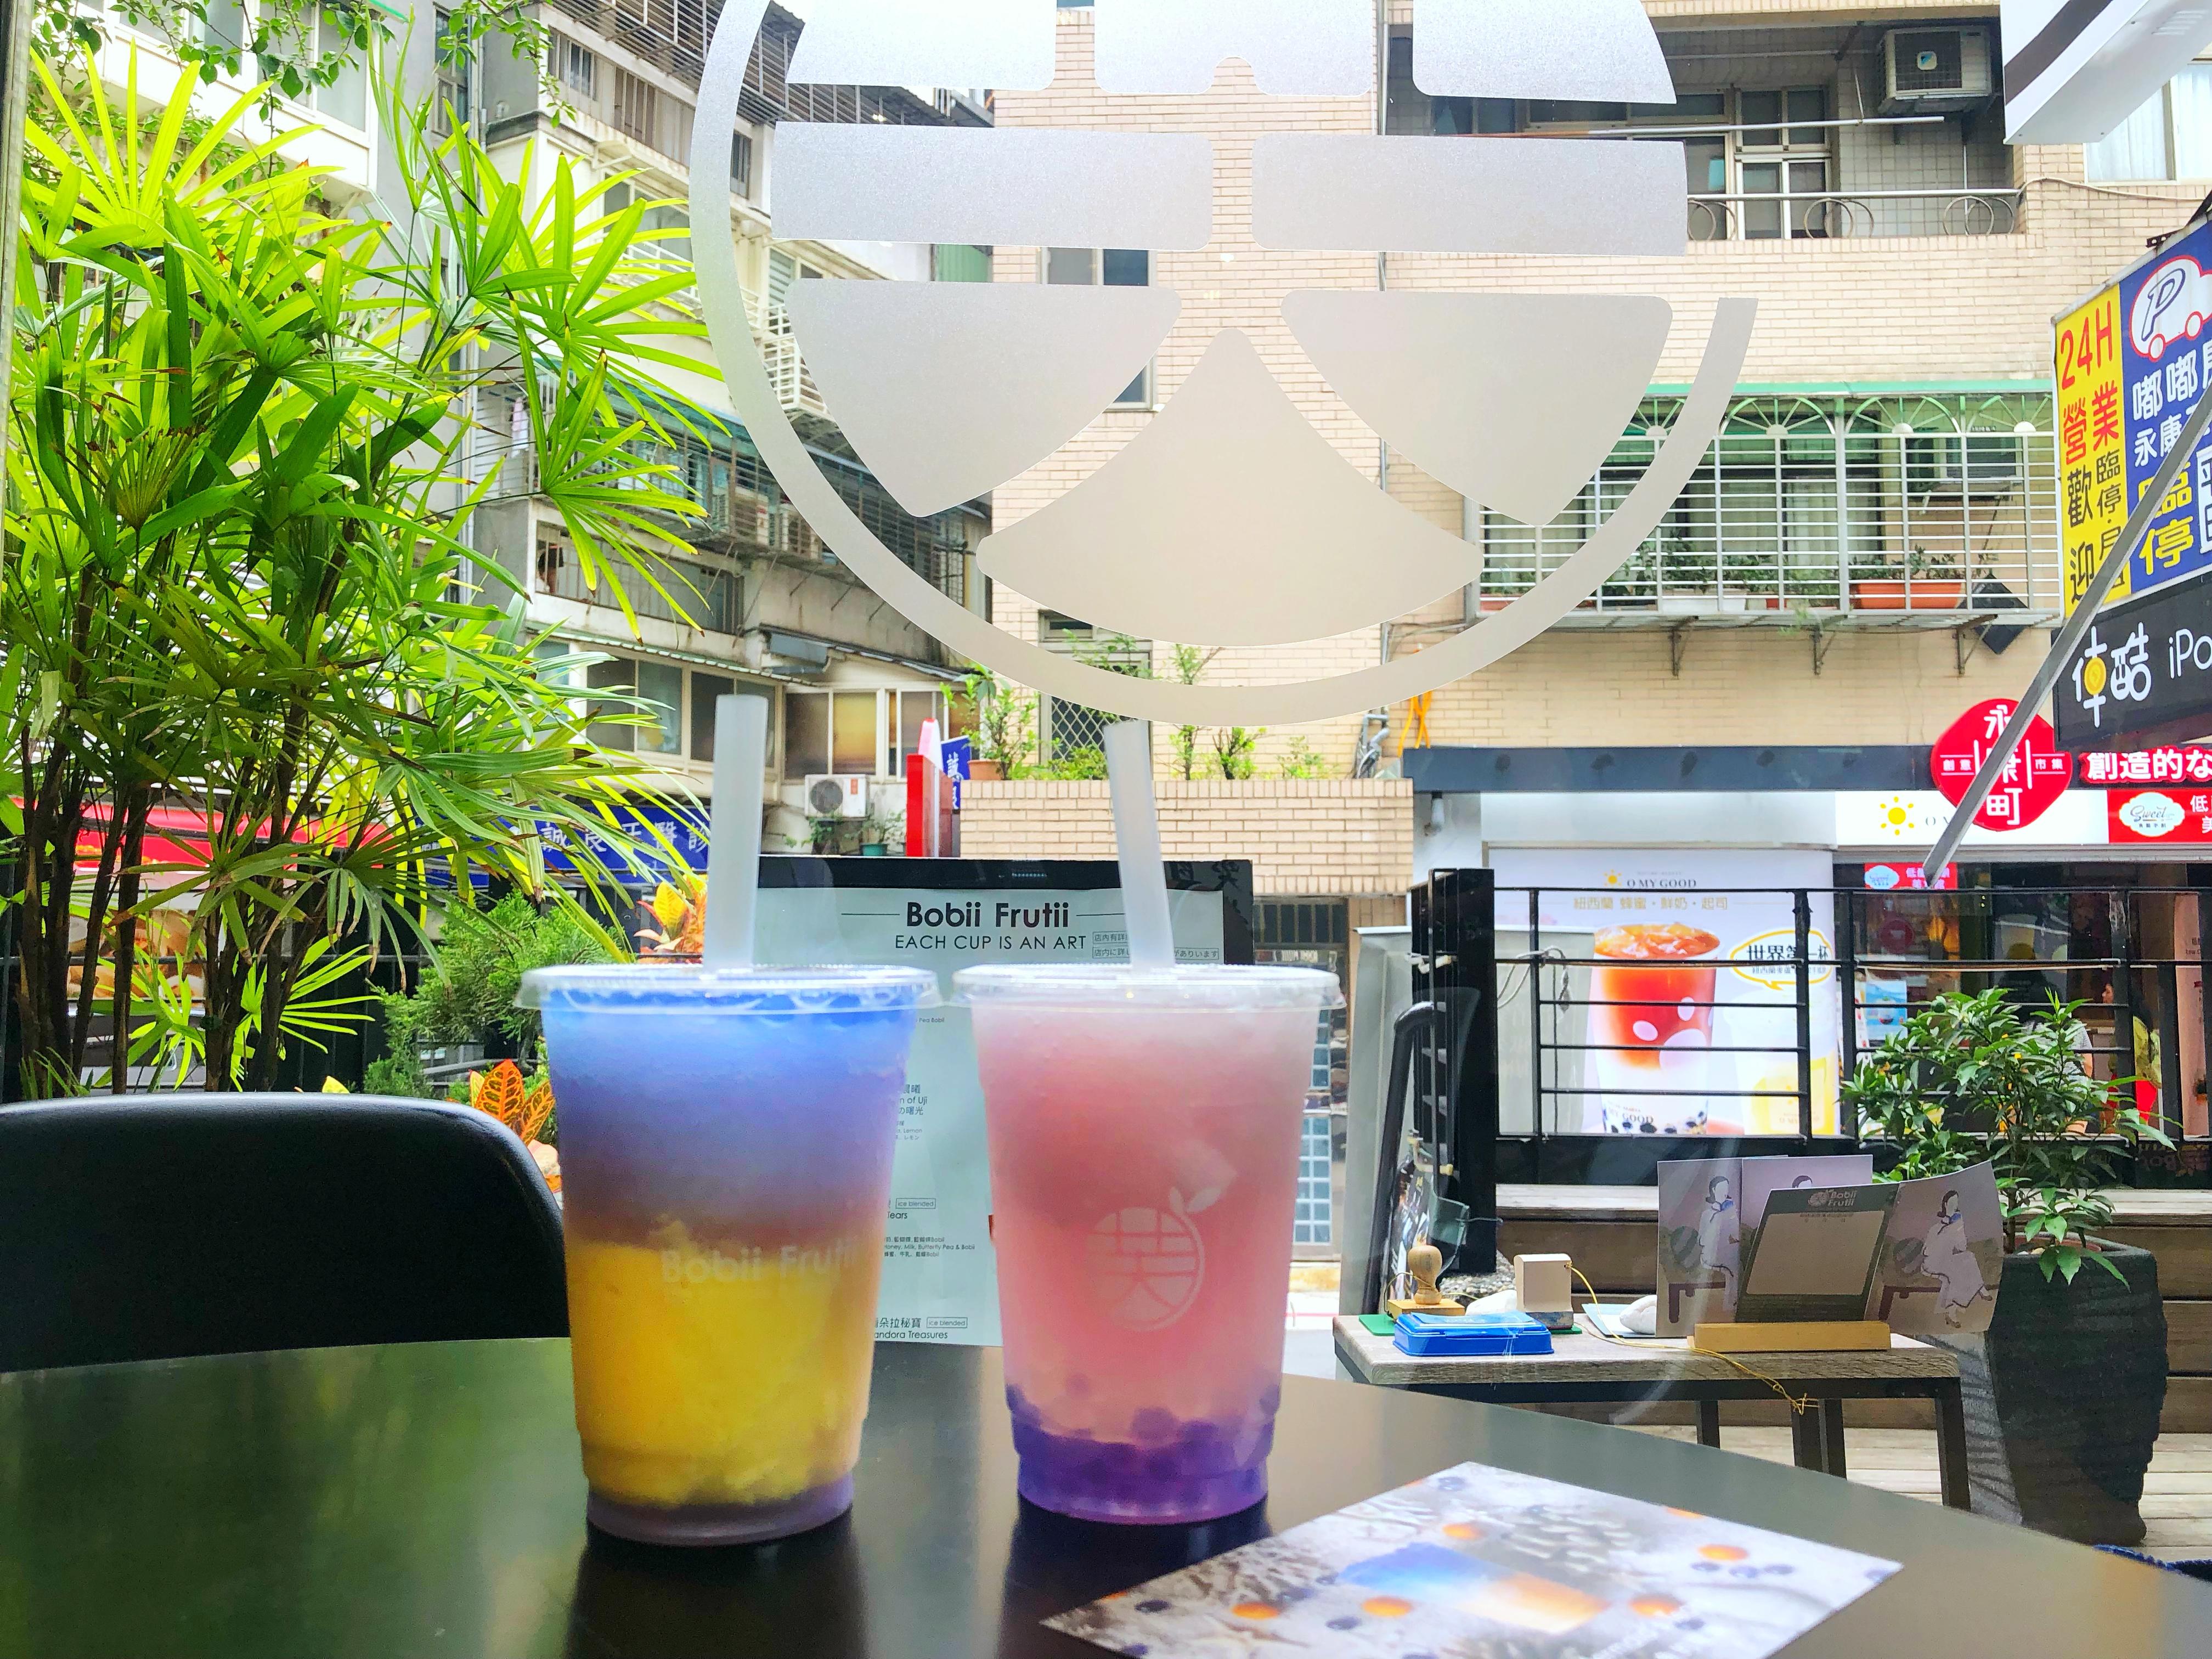 今話題のおしゃれスポットと台湾グルメを楽しみ尽くす!台北3日間の旅レシピ♡